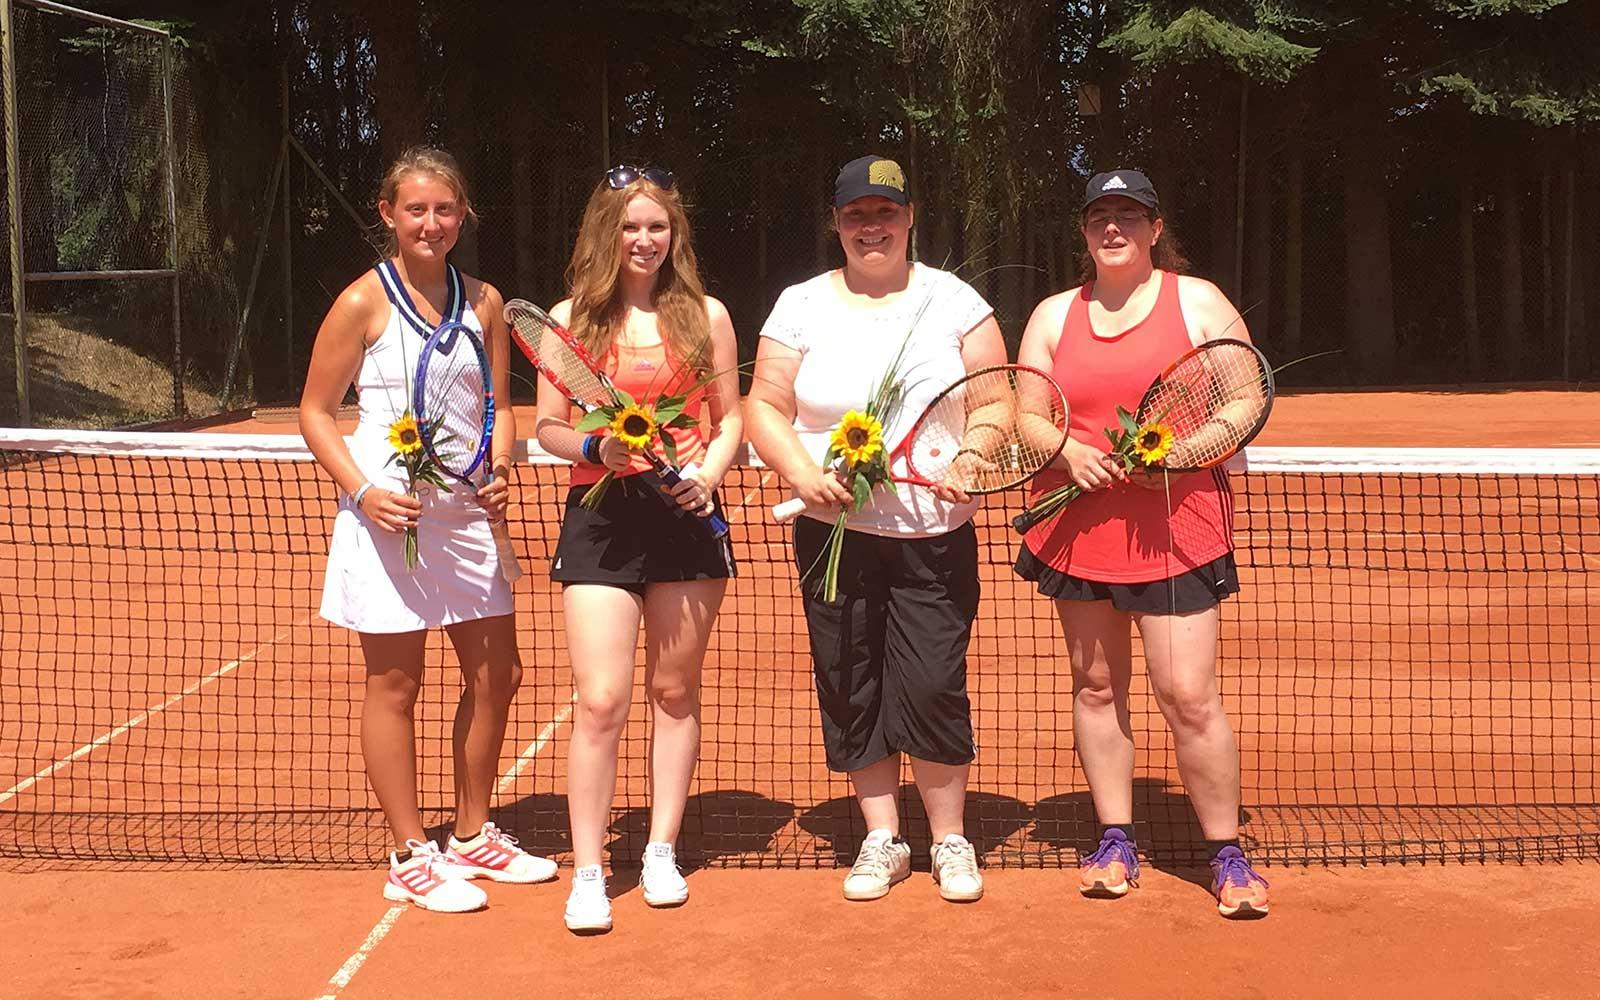 Mannschaft Damen des TC Nunkirchen, Meister 2018 in der Damen B-Klasse Gr. 4 Reg. 2